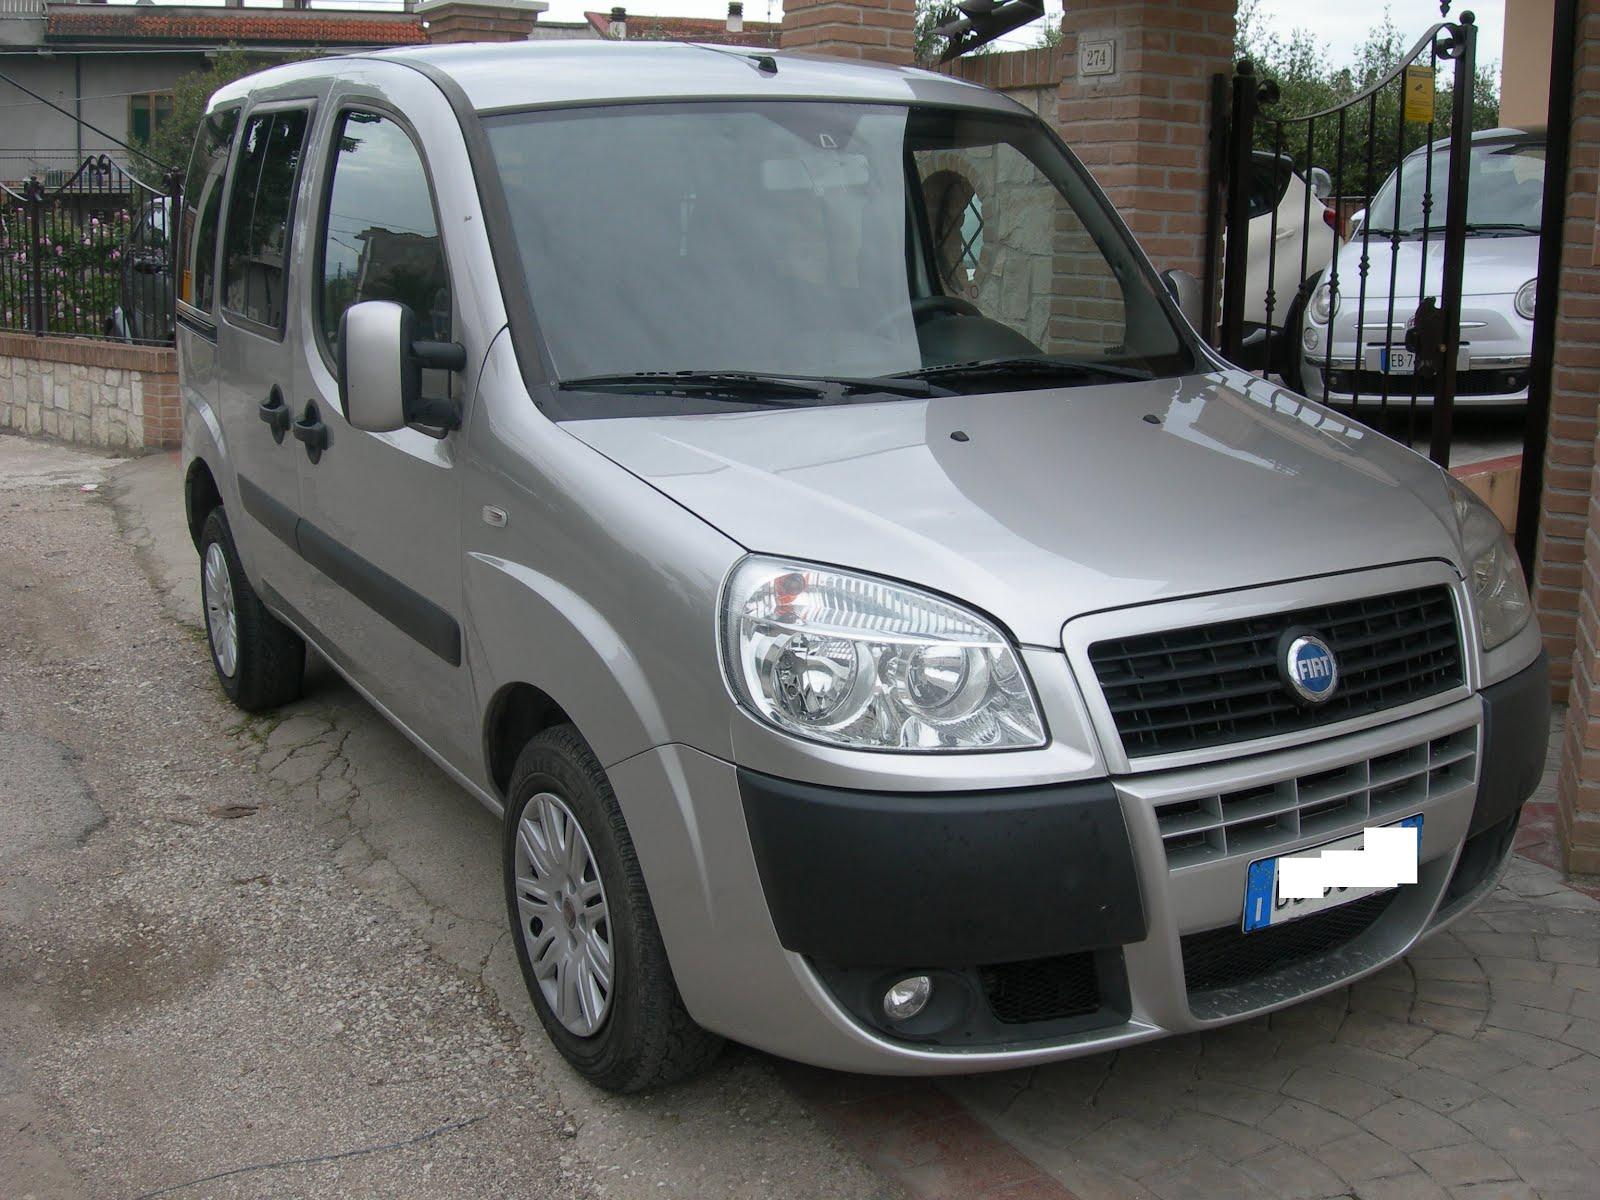 FIAT DOBLO' 1.9 M.JET 120 CV MOD: N1 AUTOCARRO+TRAS.PERSONE ANNO 2006 130.000 KM